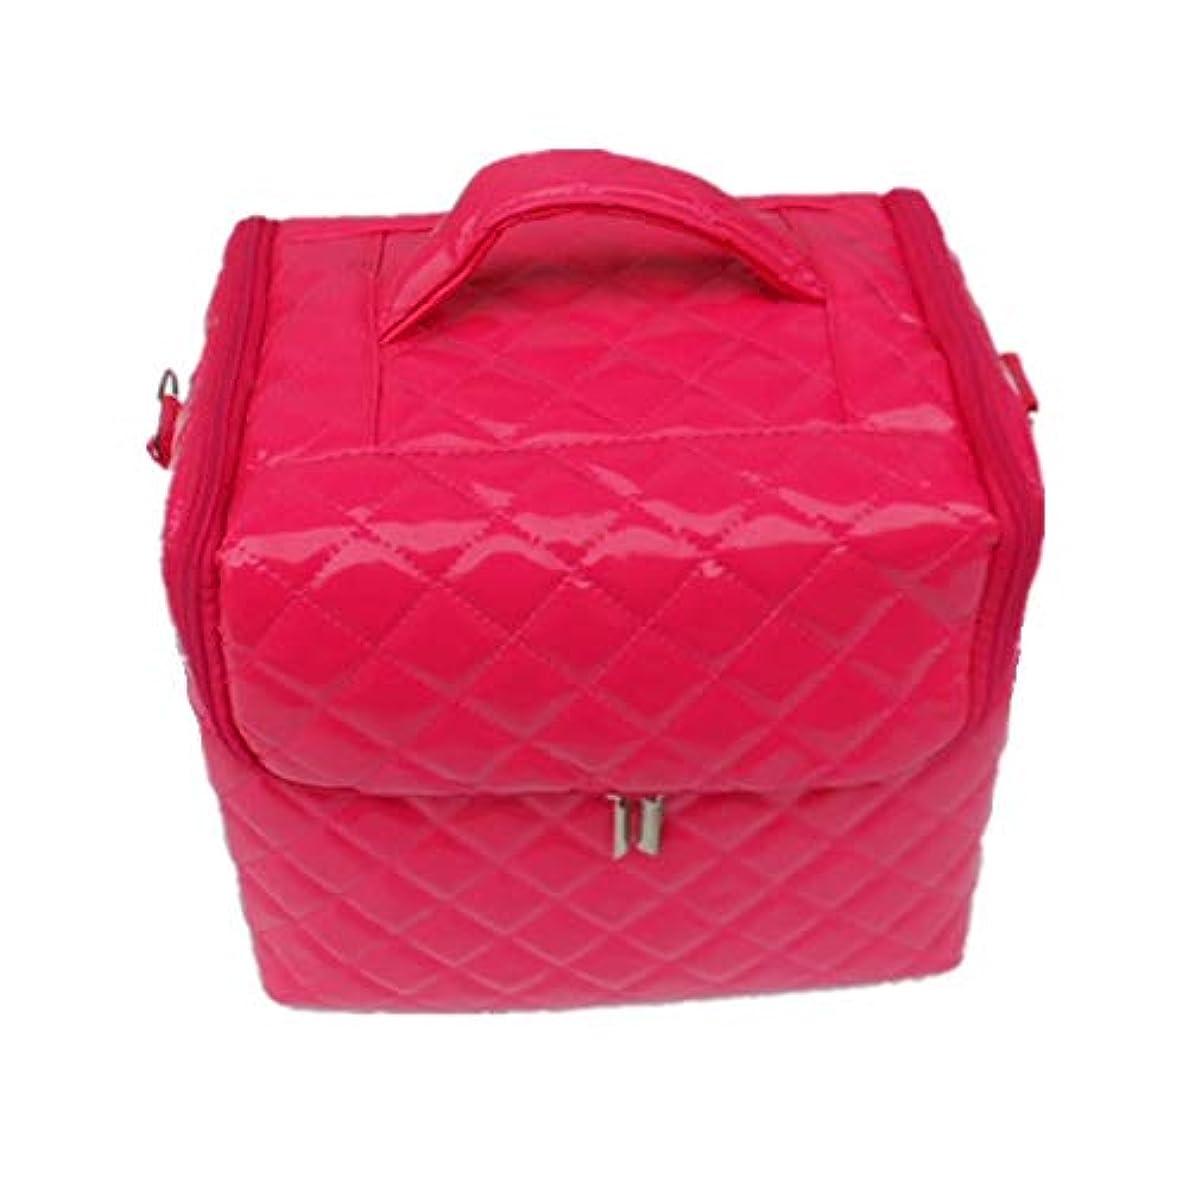 予測する事件、出来事ラダ化粧オーガナイザーバッグ 美容メイクアップのための大容量ポータブル化粧品バッグと女性の女性の旅行とジッパーと折り畳みトレイで毎日のストレージ用 化粧品ケース